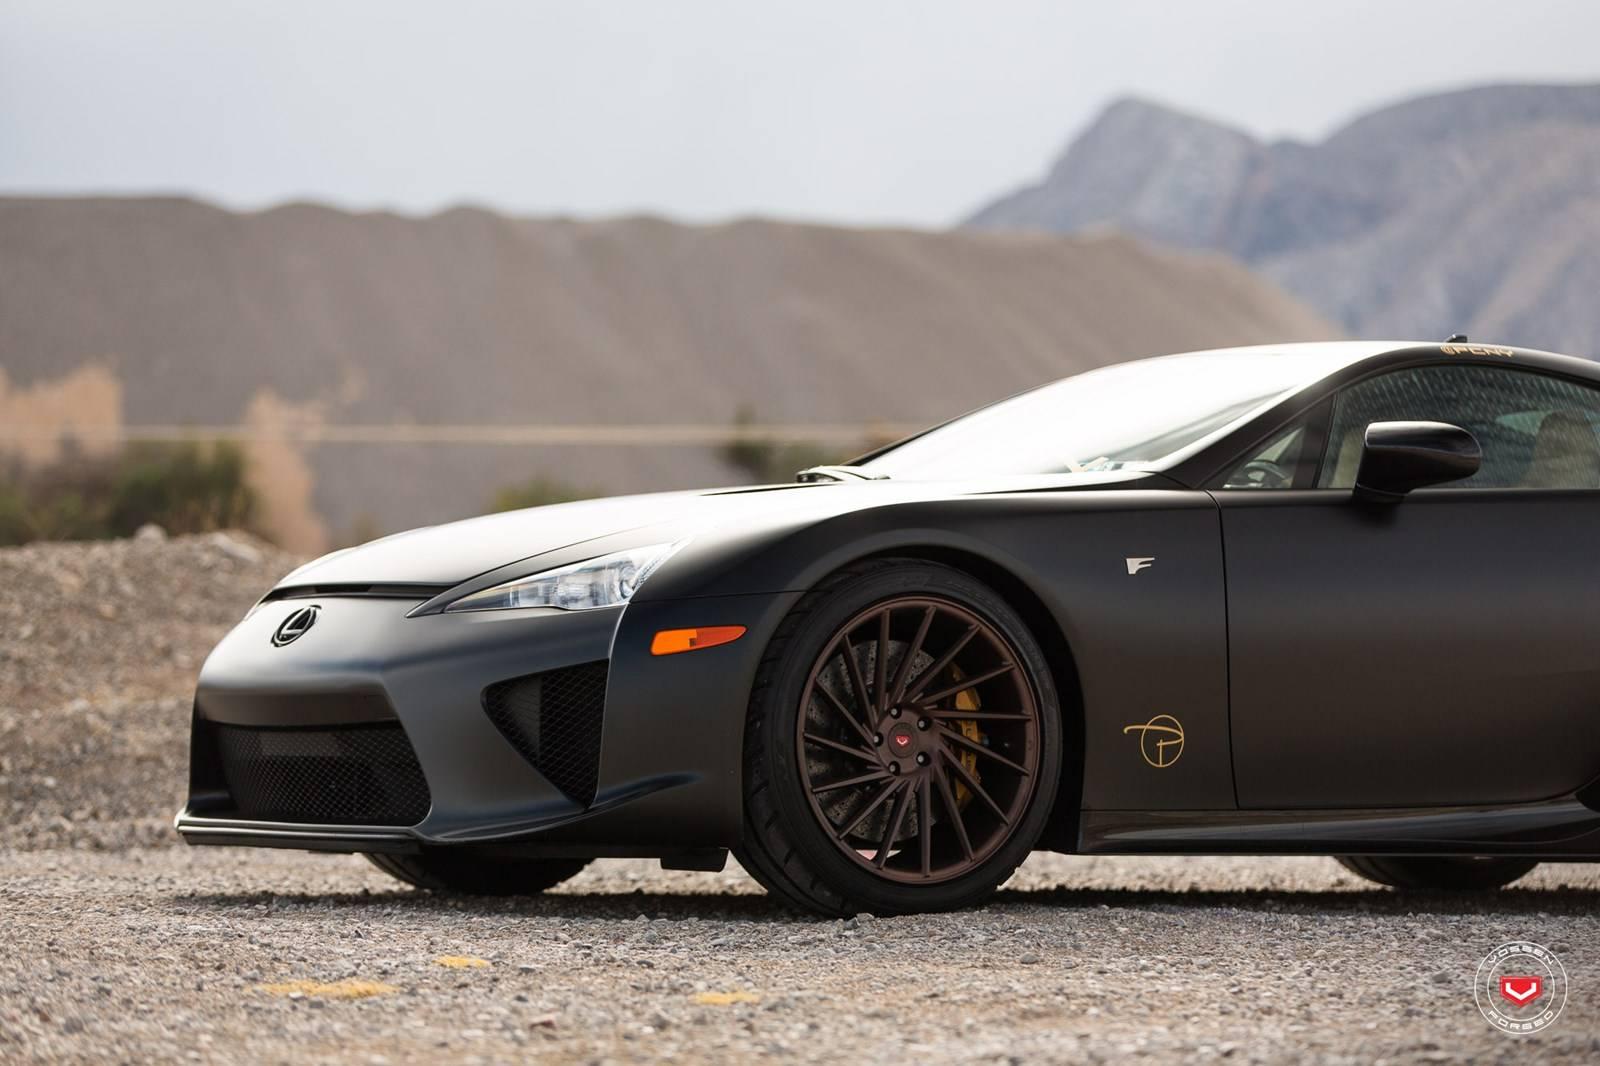 Satin Black Lexus Lfa Stuns On Vossen Wheels Gtspirit